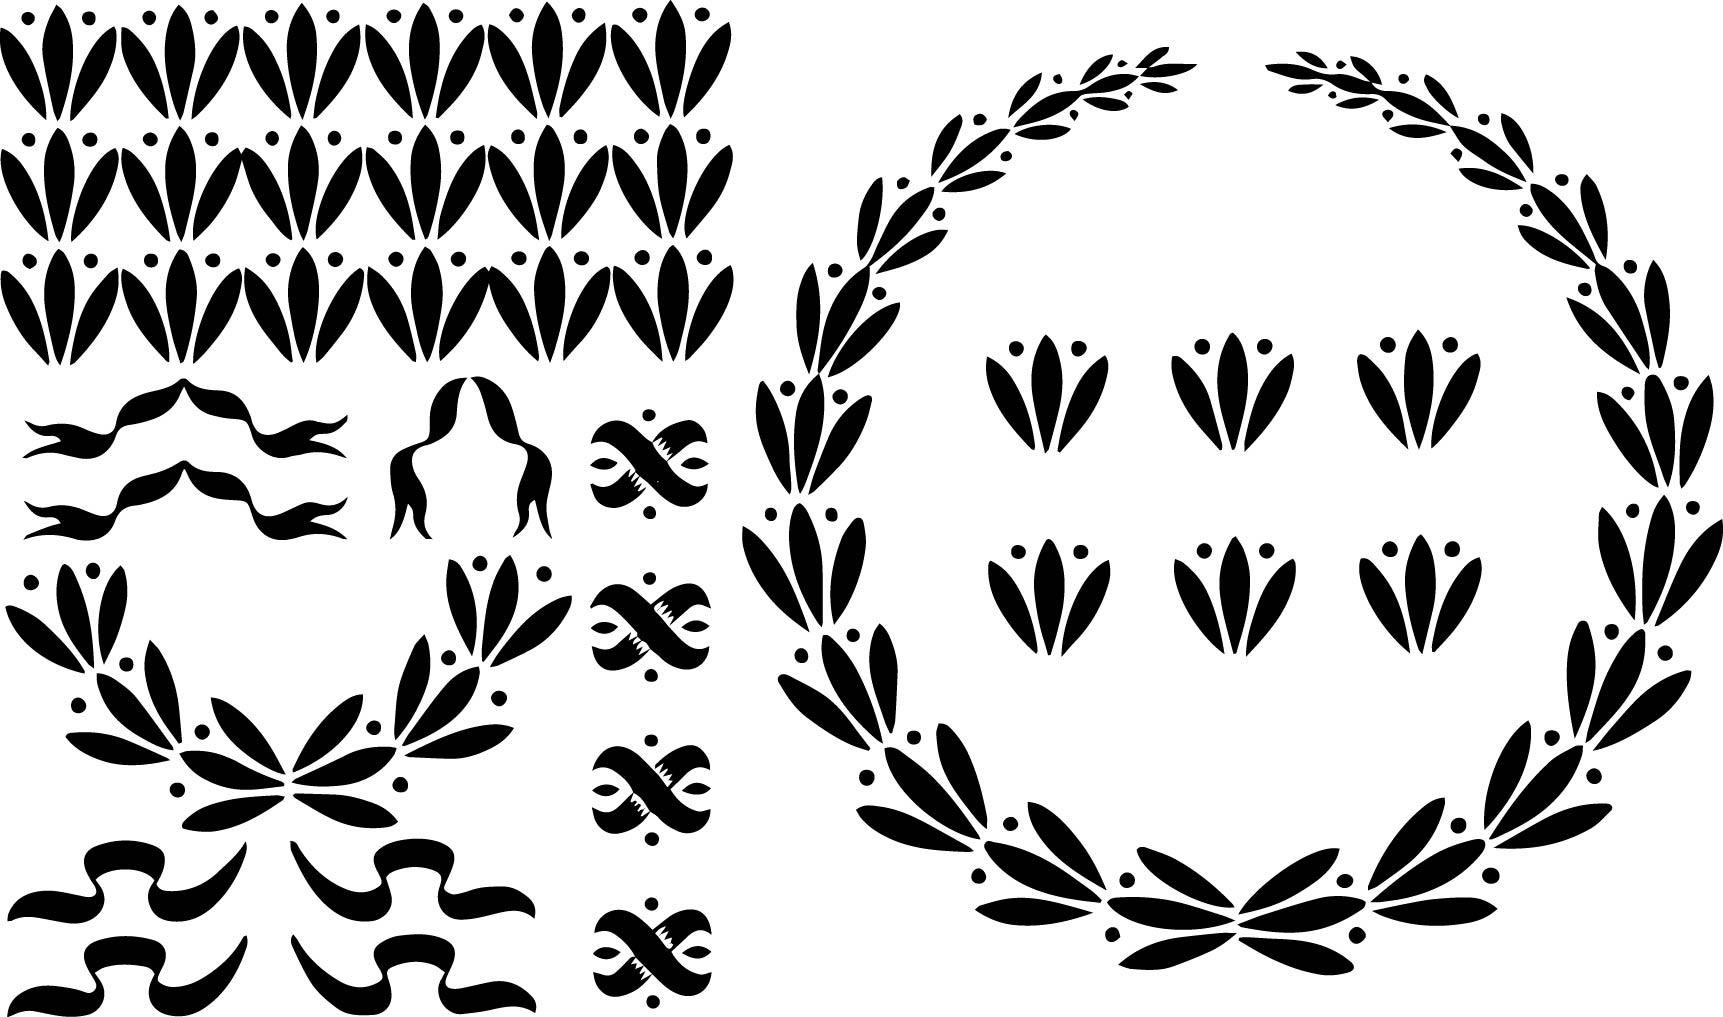 Wreath clipart ribbon Wreath Nifty Free Clip &